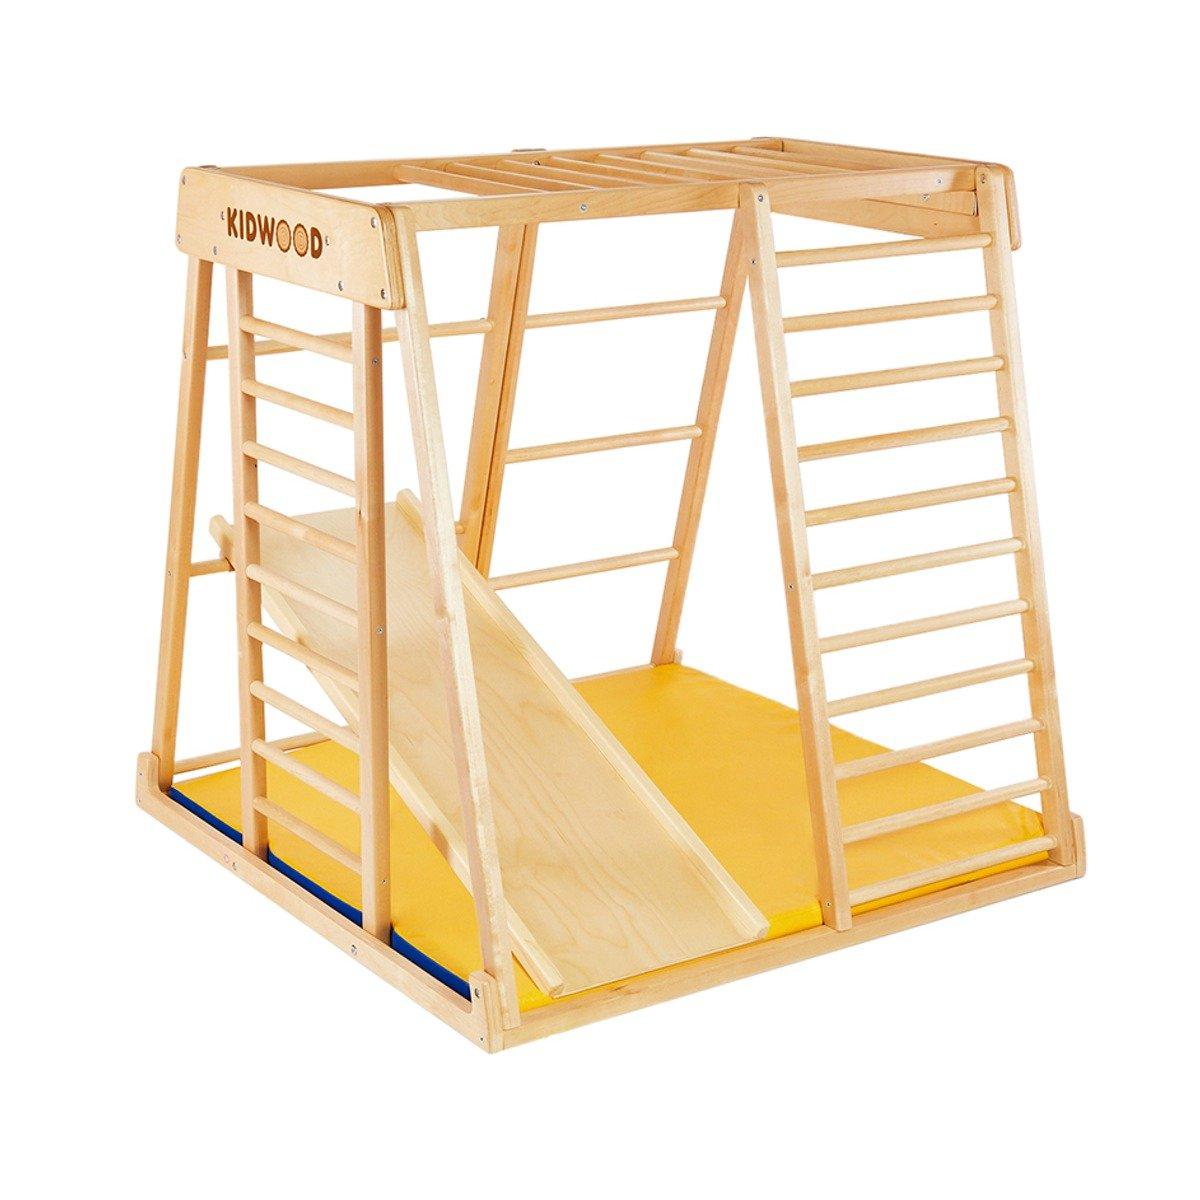 Full Size of Bodenbelag Kinderzimmer Schadstofffrei Caseconradcom Klettergerüst Garten Wohnzimmer Klettergerüst Indoor Diy